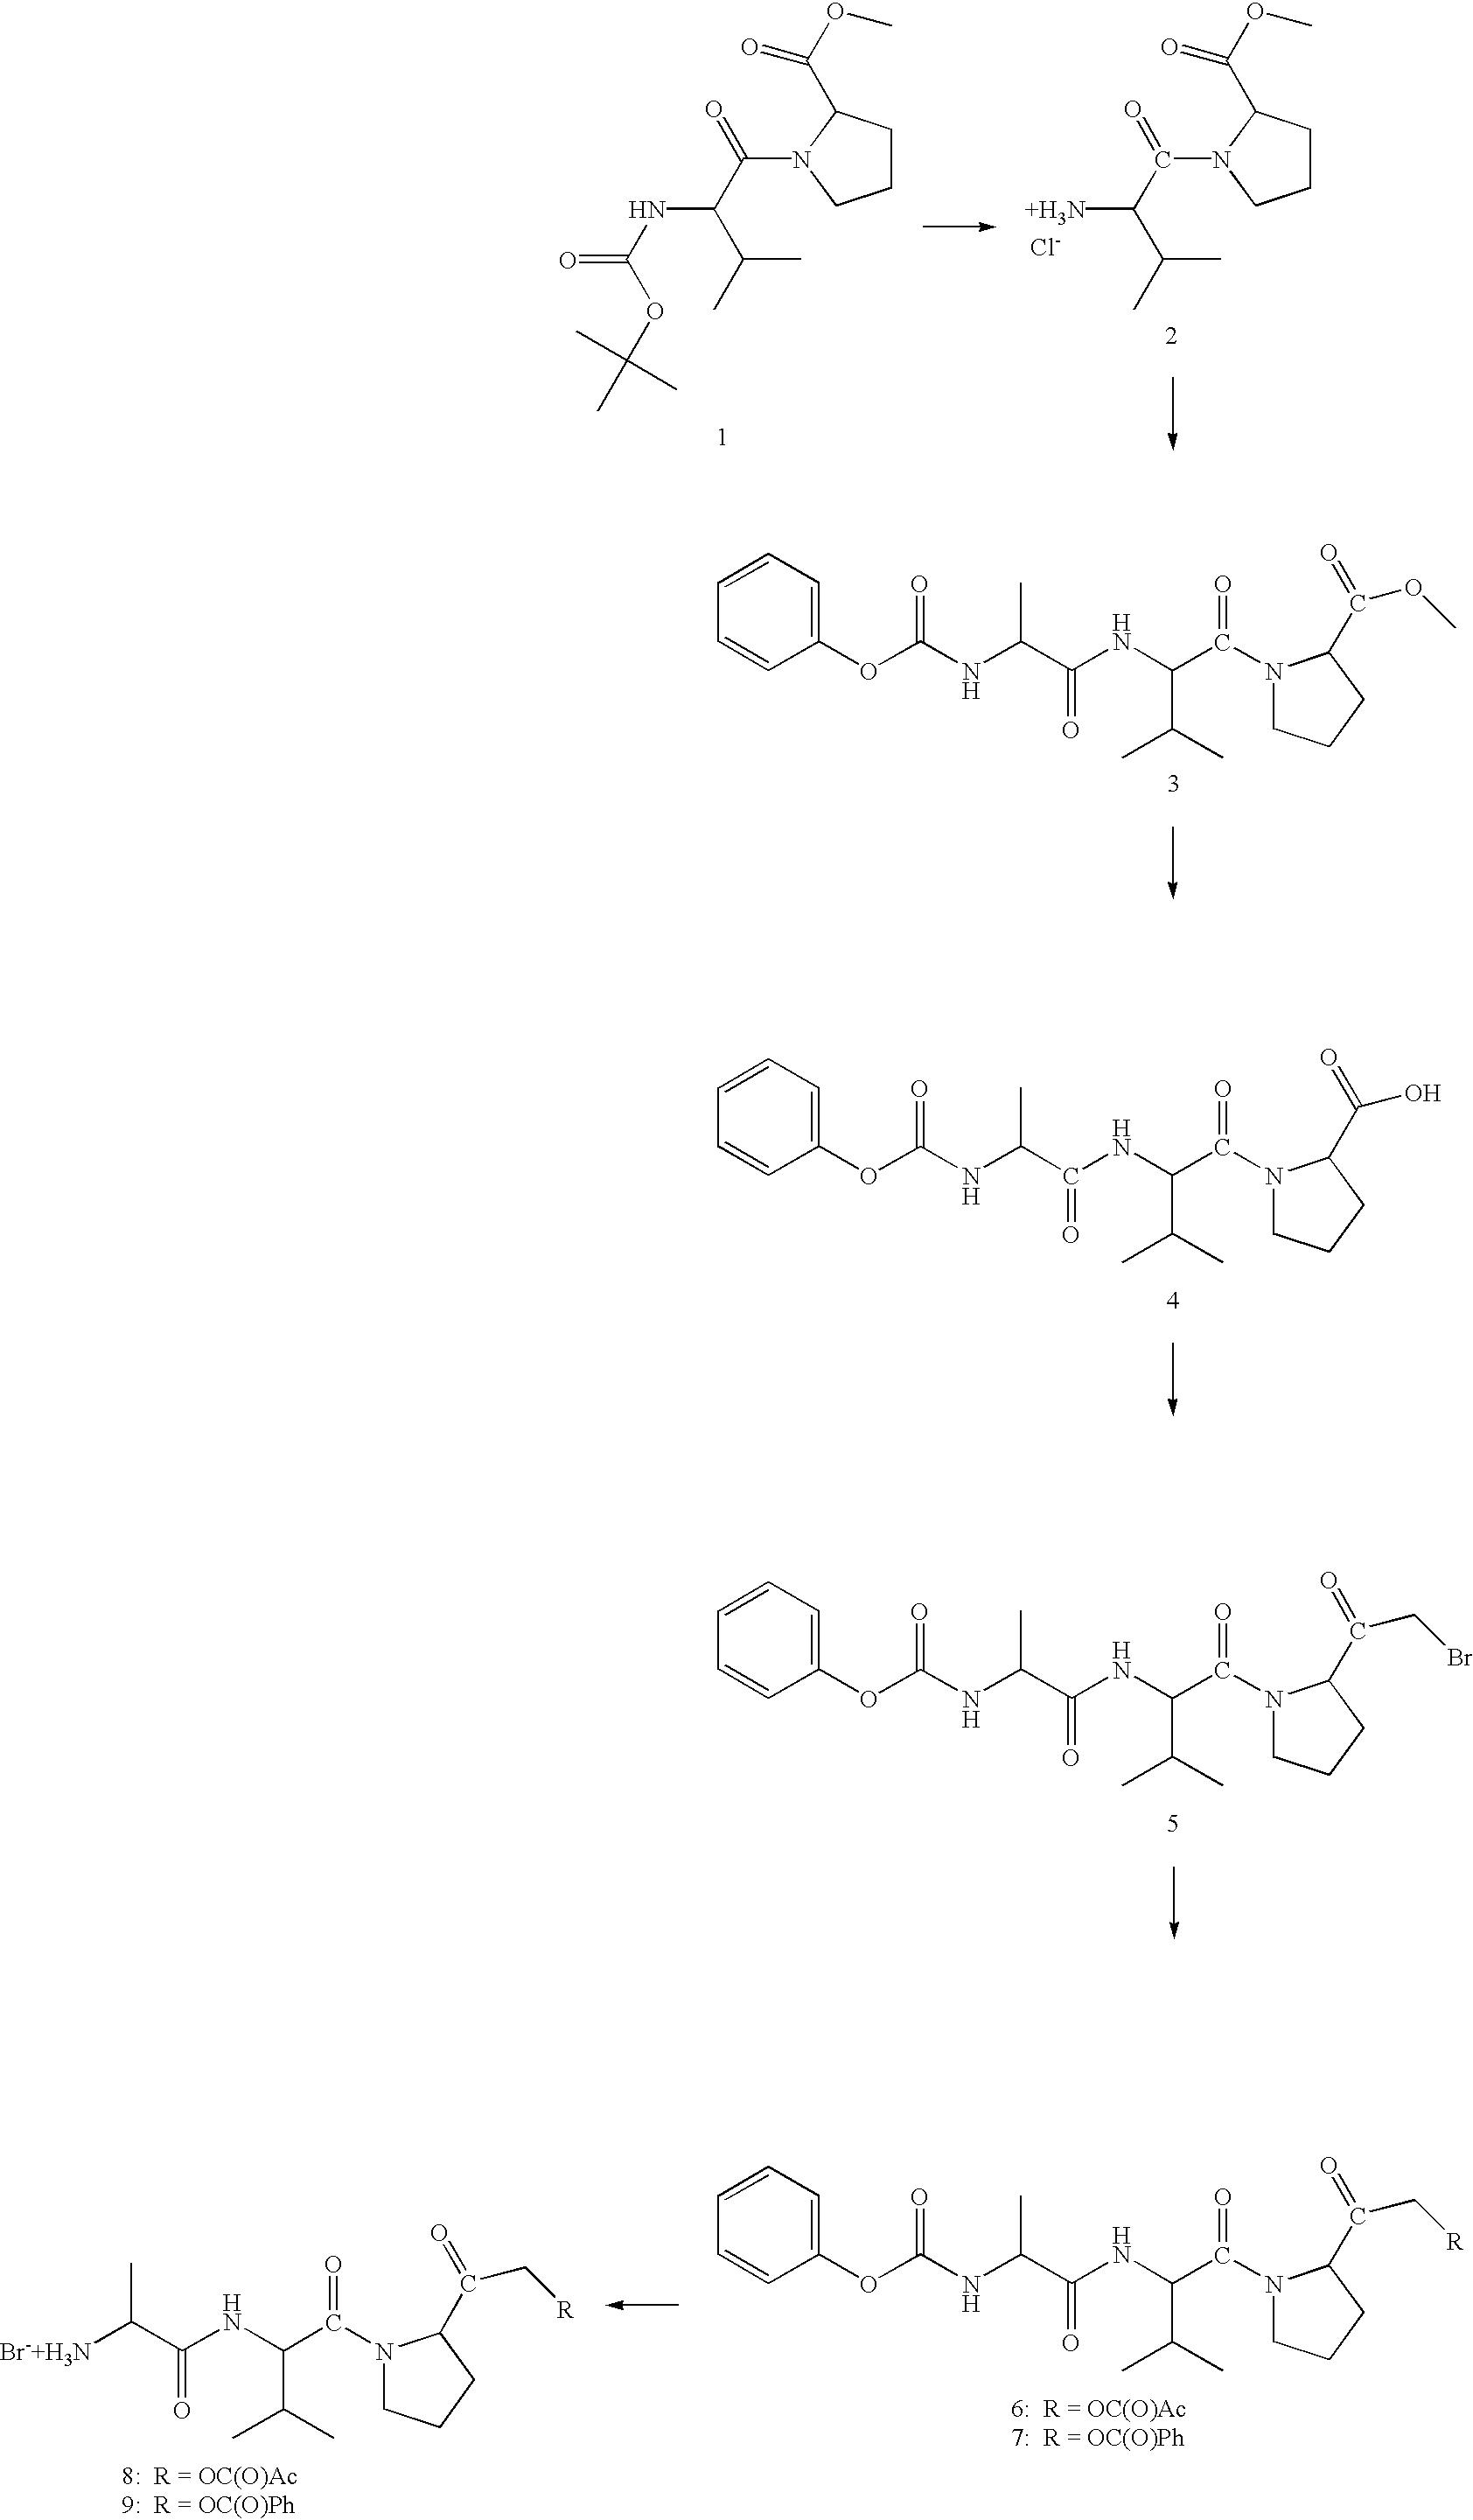 Figure US20030130199A1-20030710-C00011